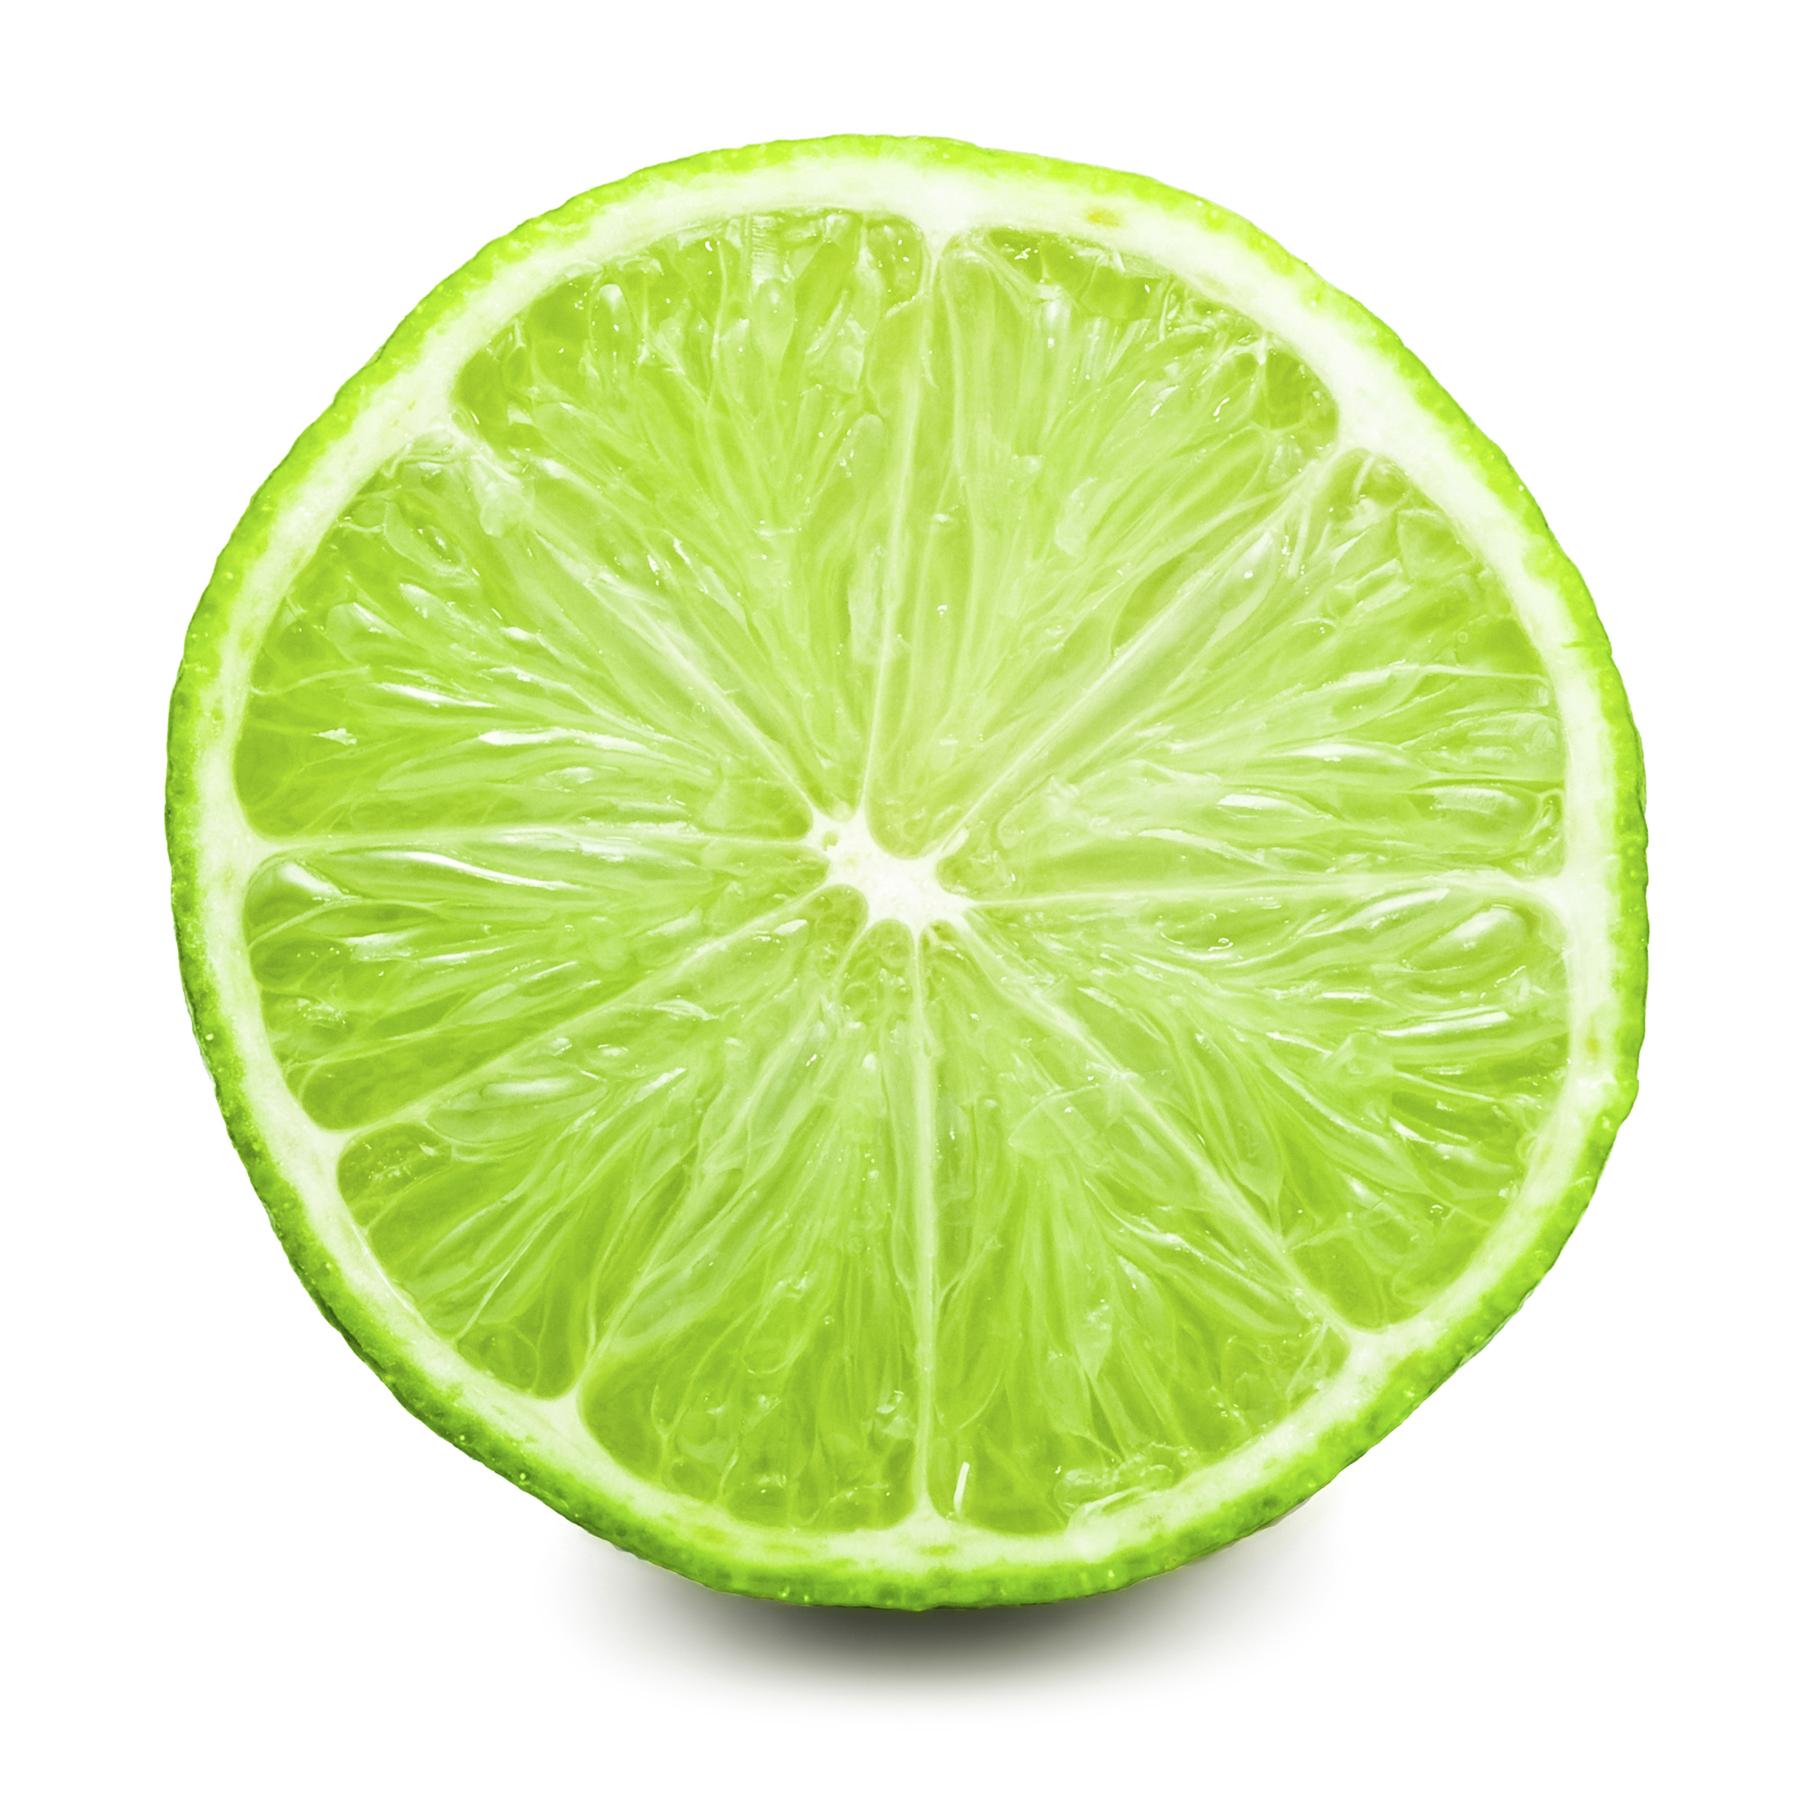 Lime #4